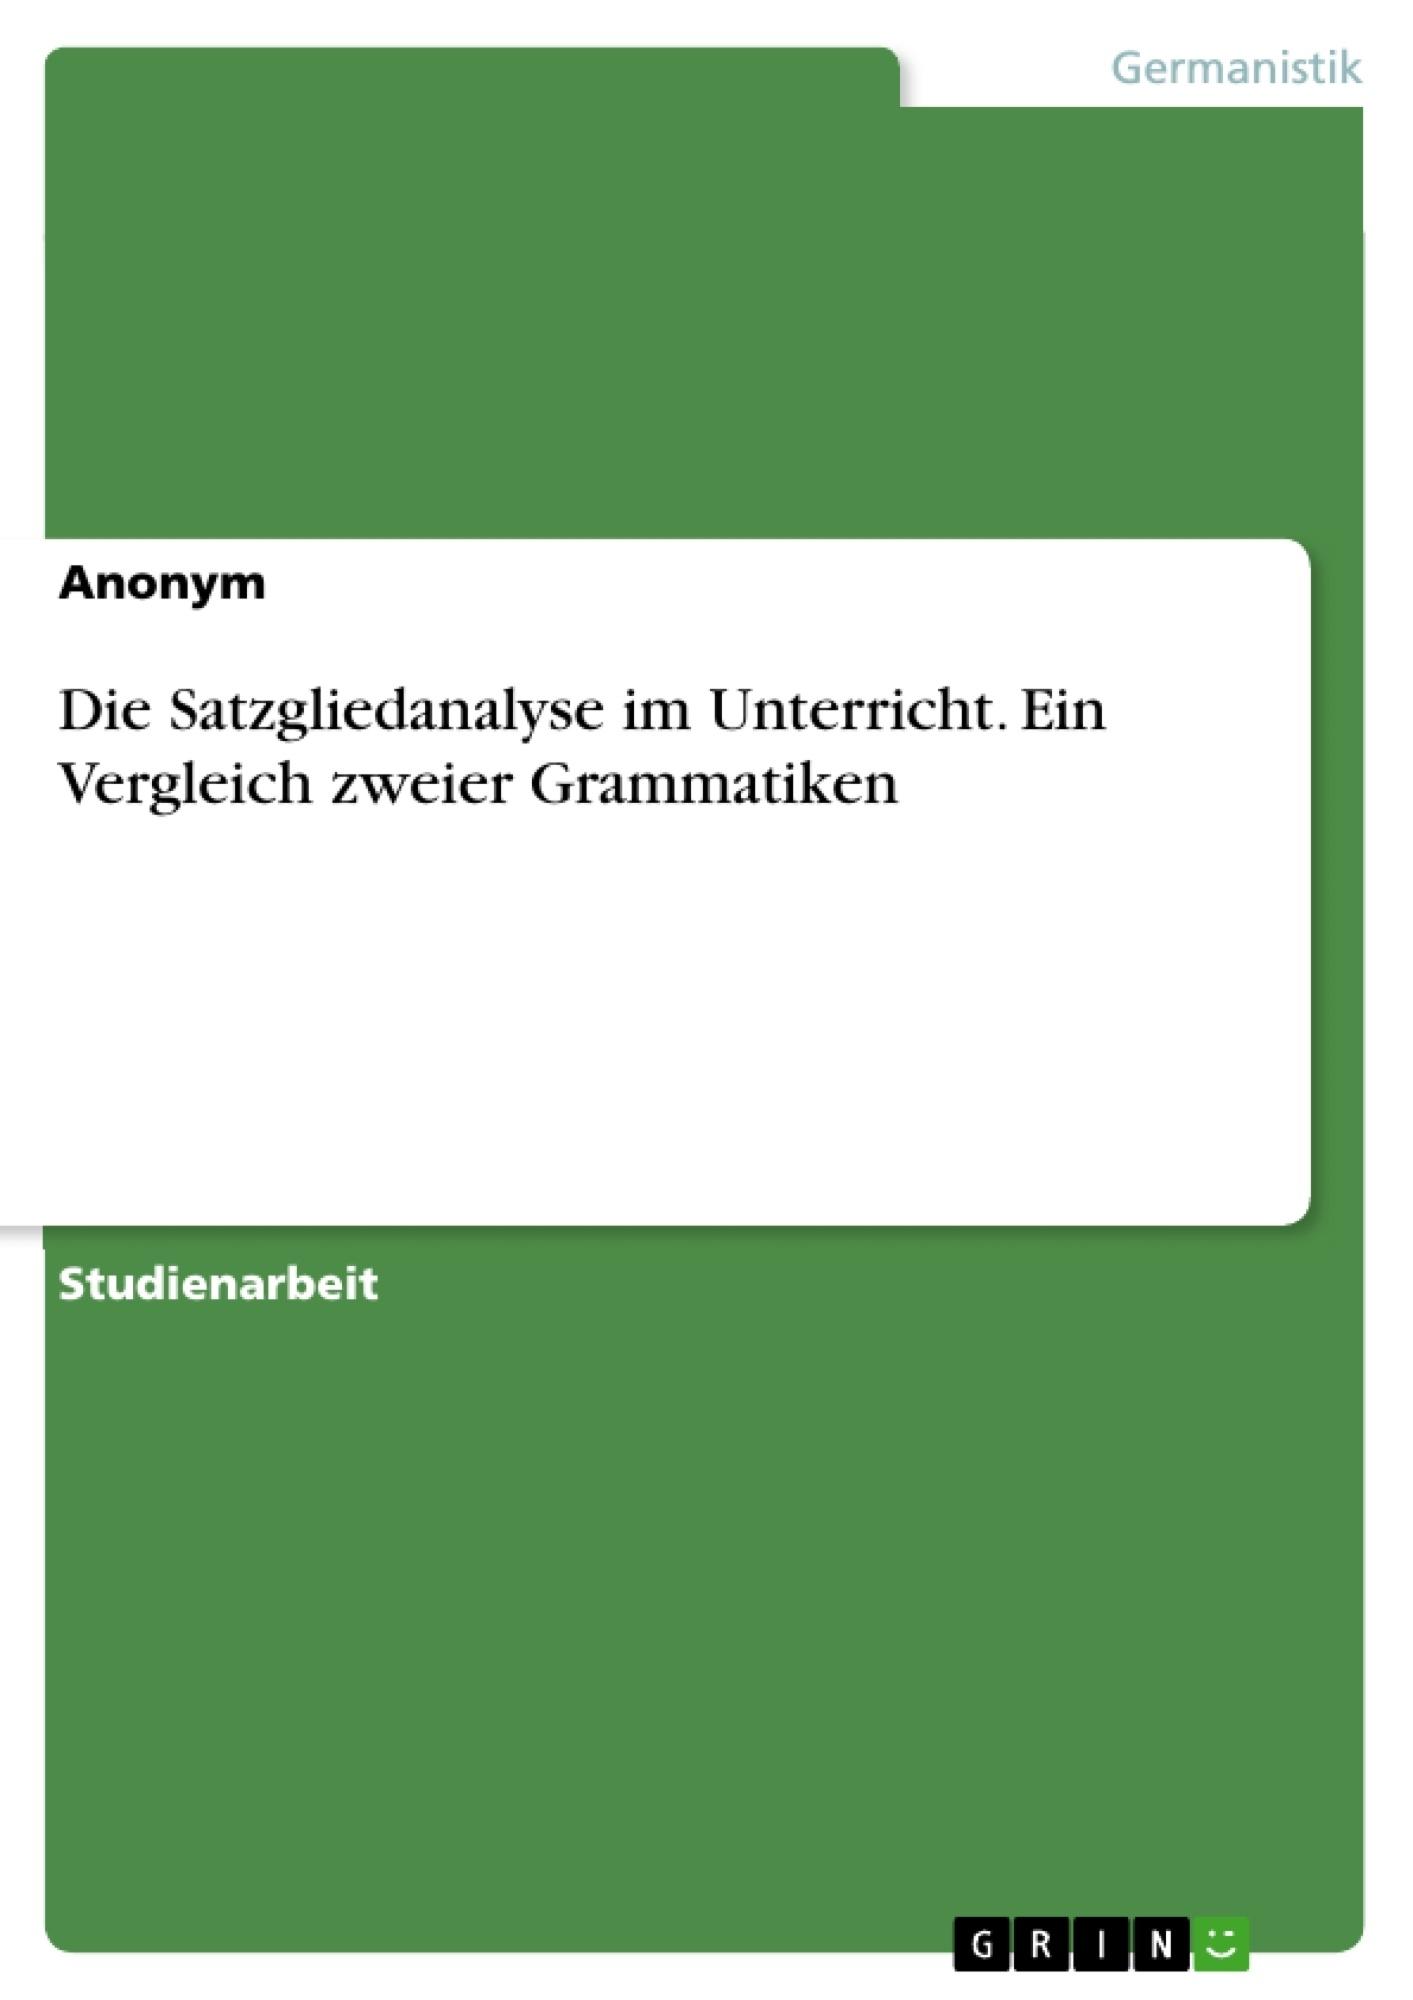 Titel: Die Satzgliedanalyse im Unterricht. Ein Vergleich zweier Grammatiken